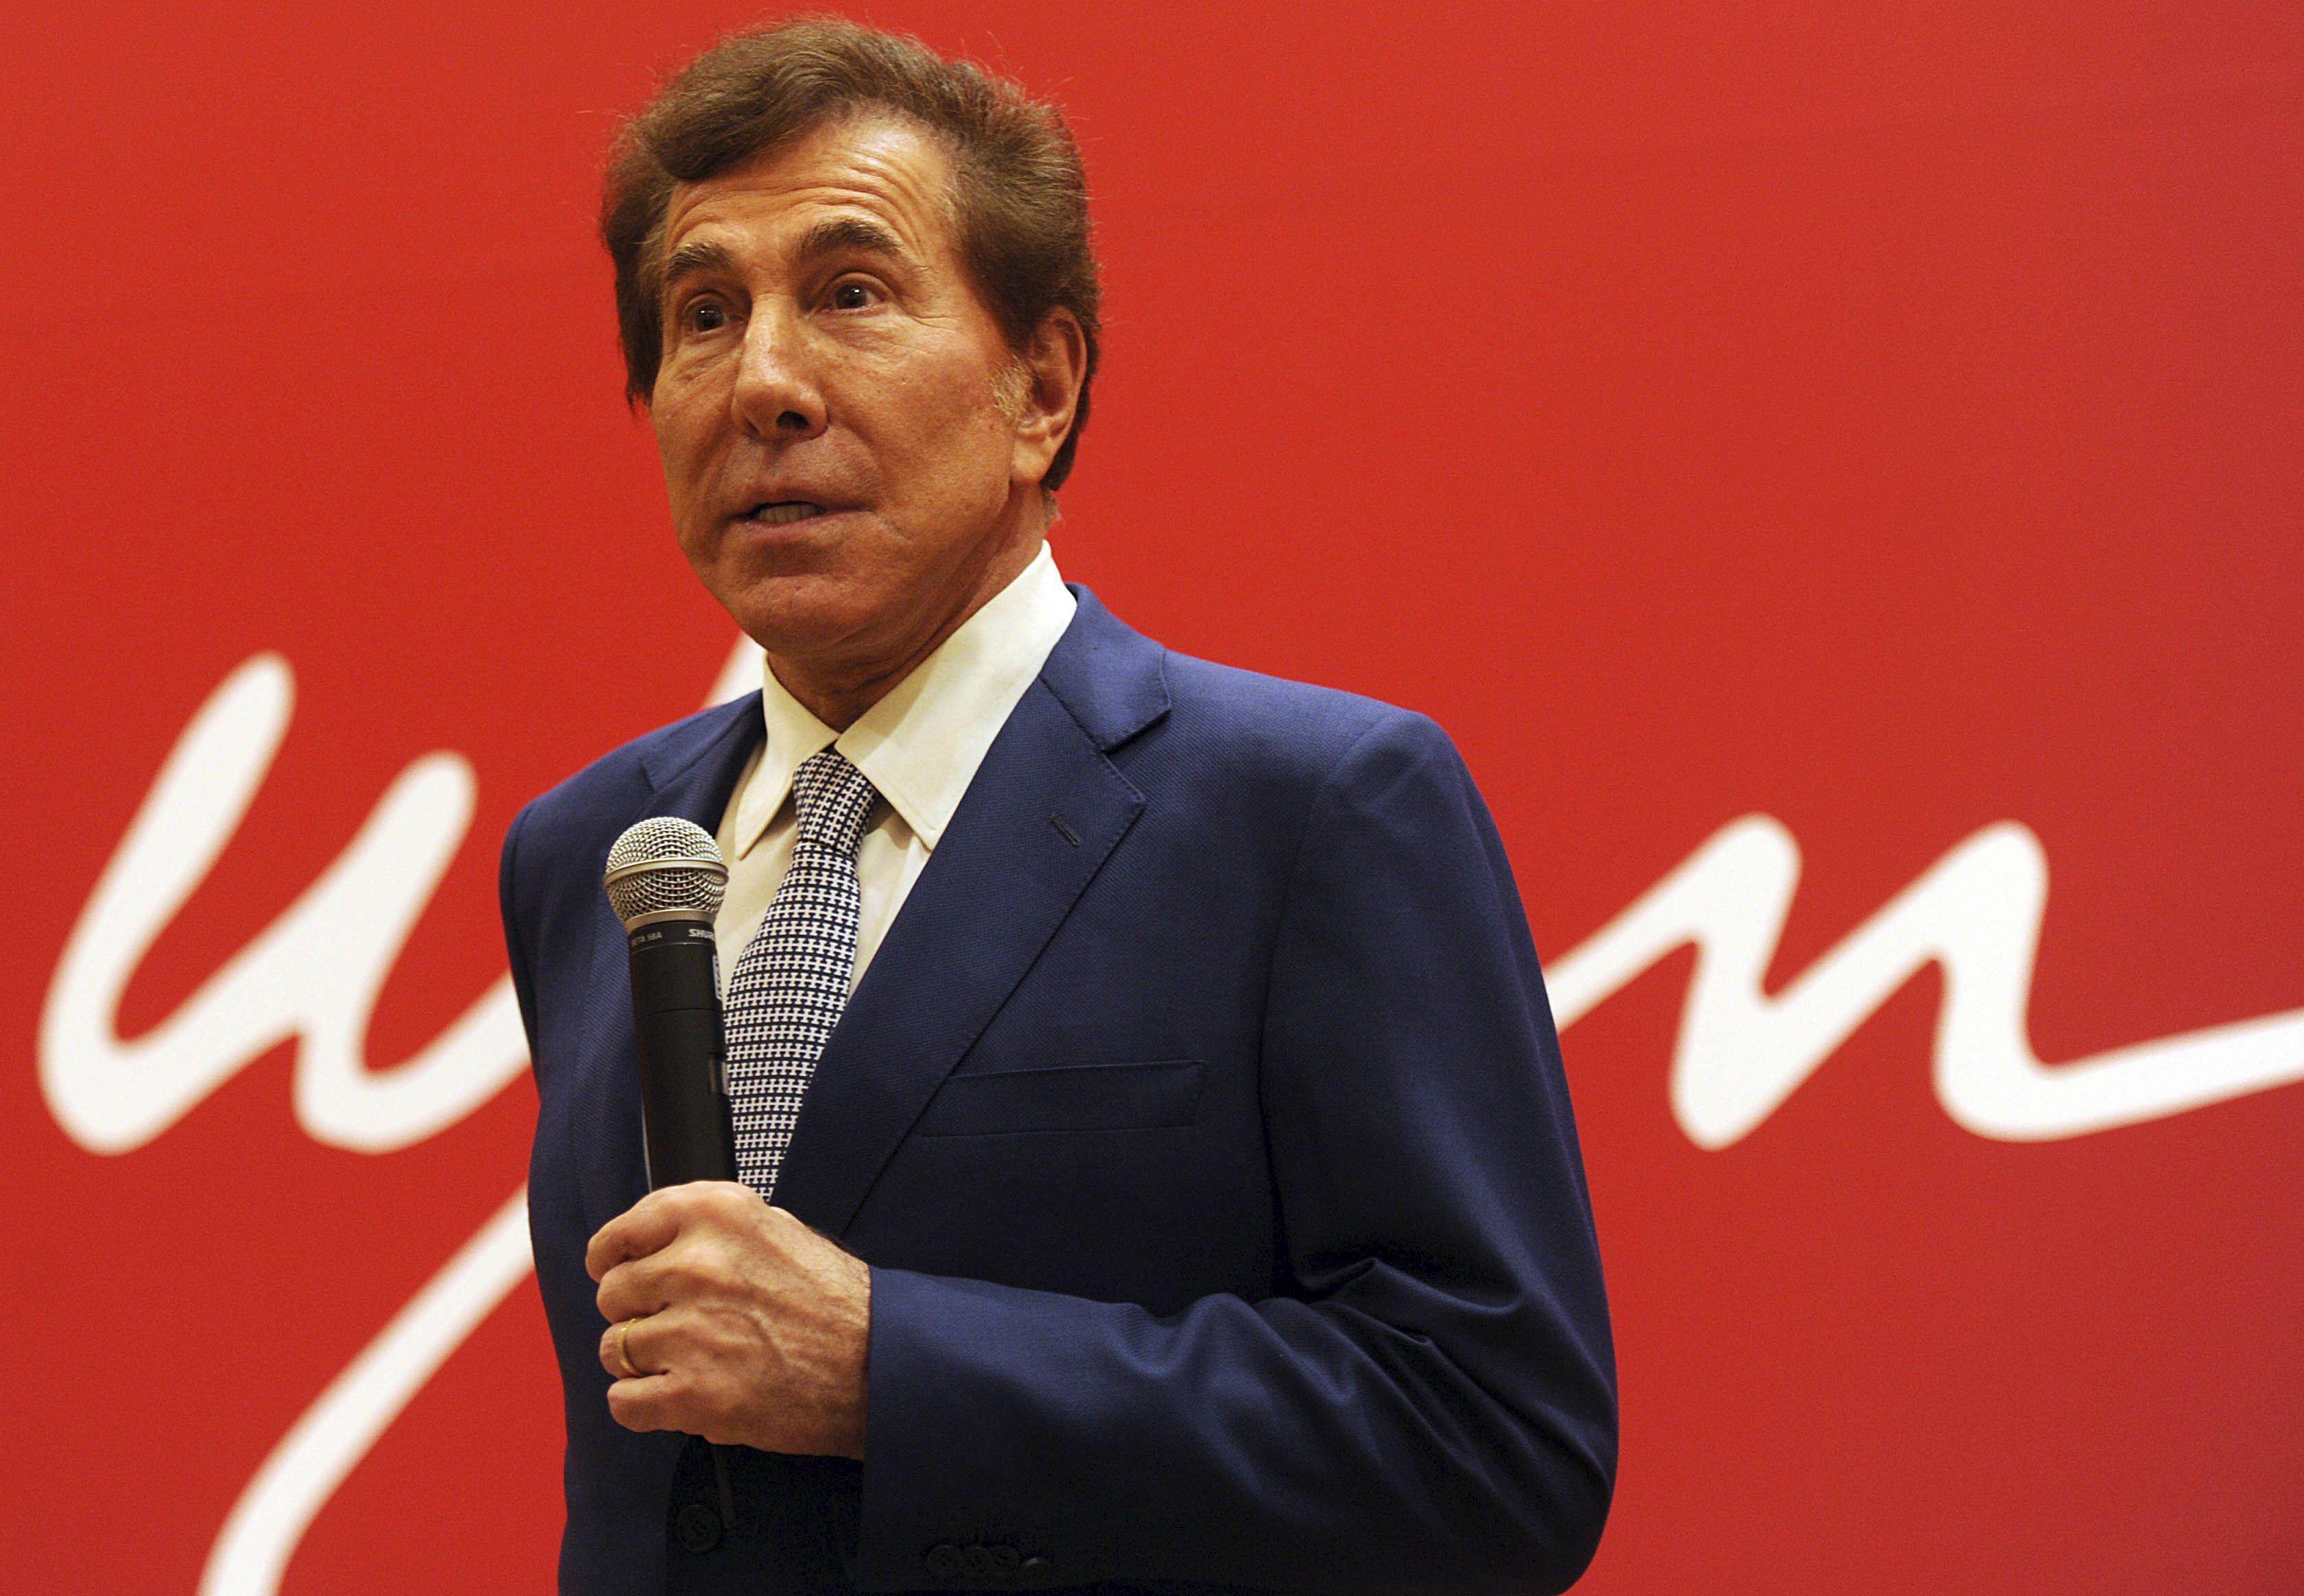 La casa pierde con los comentarios sobre los pobres del CEO de Wynn Resorts